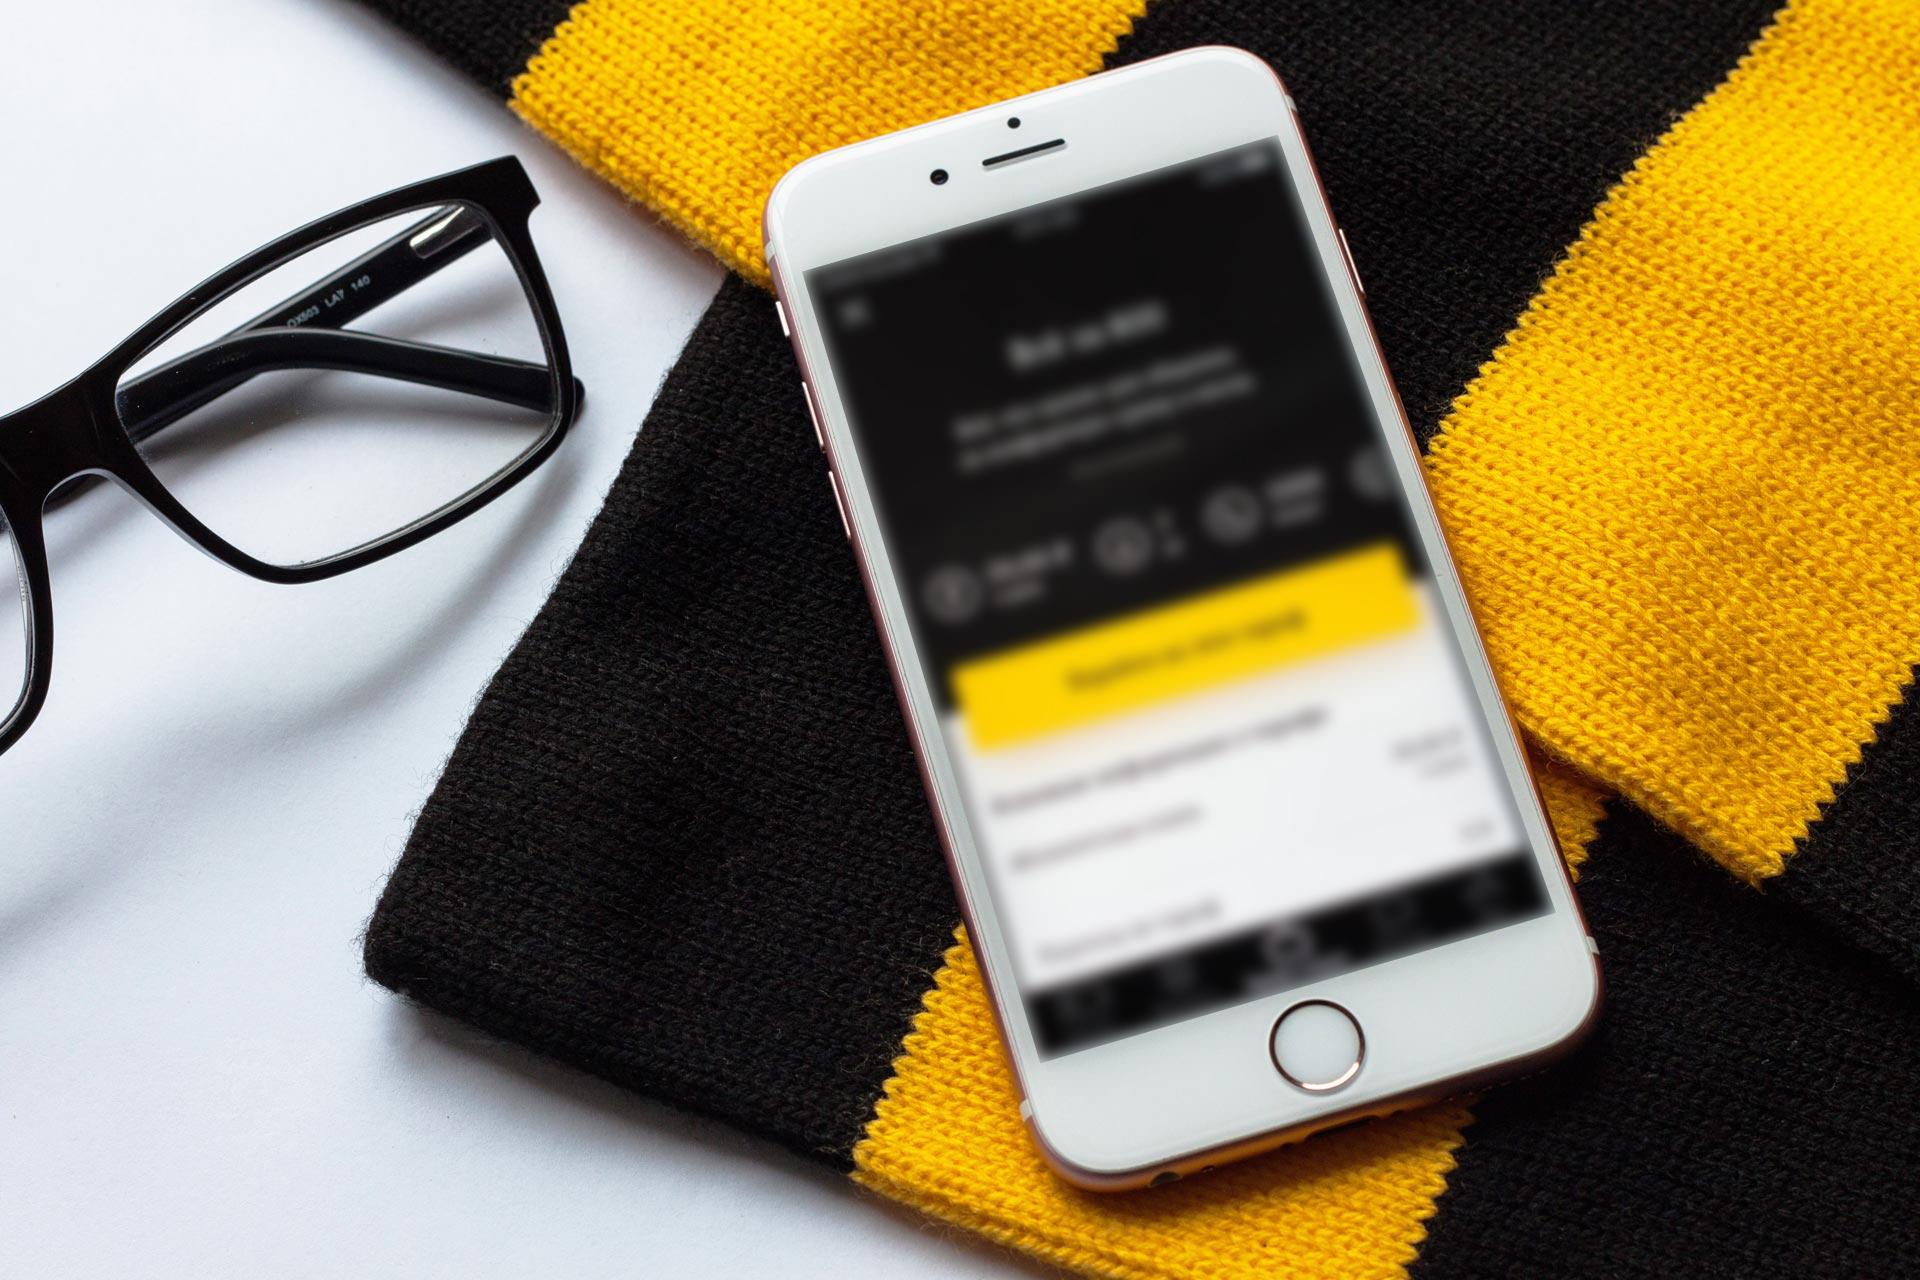 Beeline. գործարկվել է մեկ փաթեթով հեռախոսների և բջջային ծառայությունների ապառիկ վաճառքը